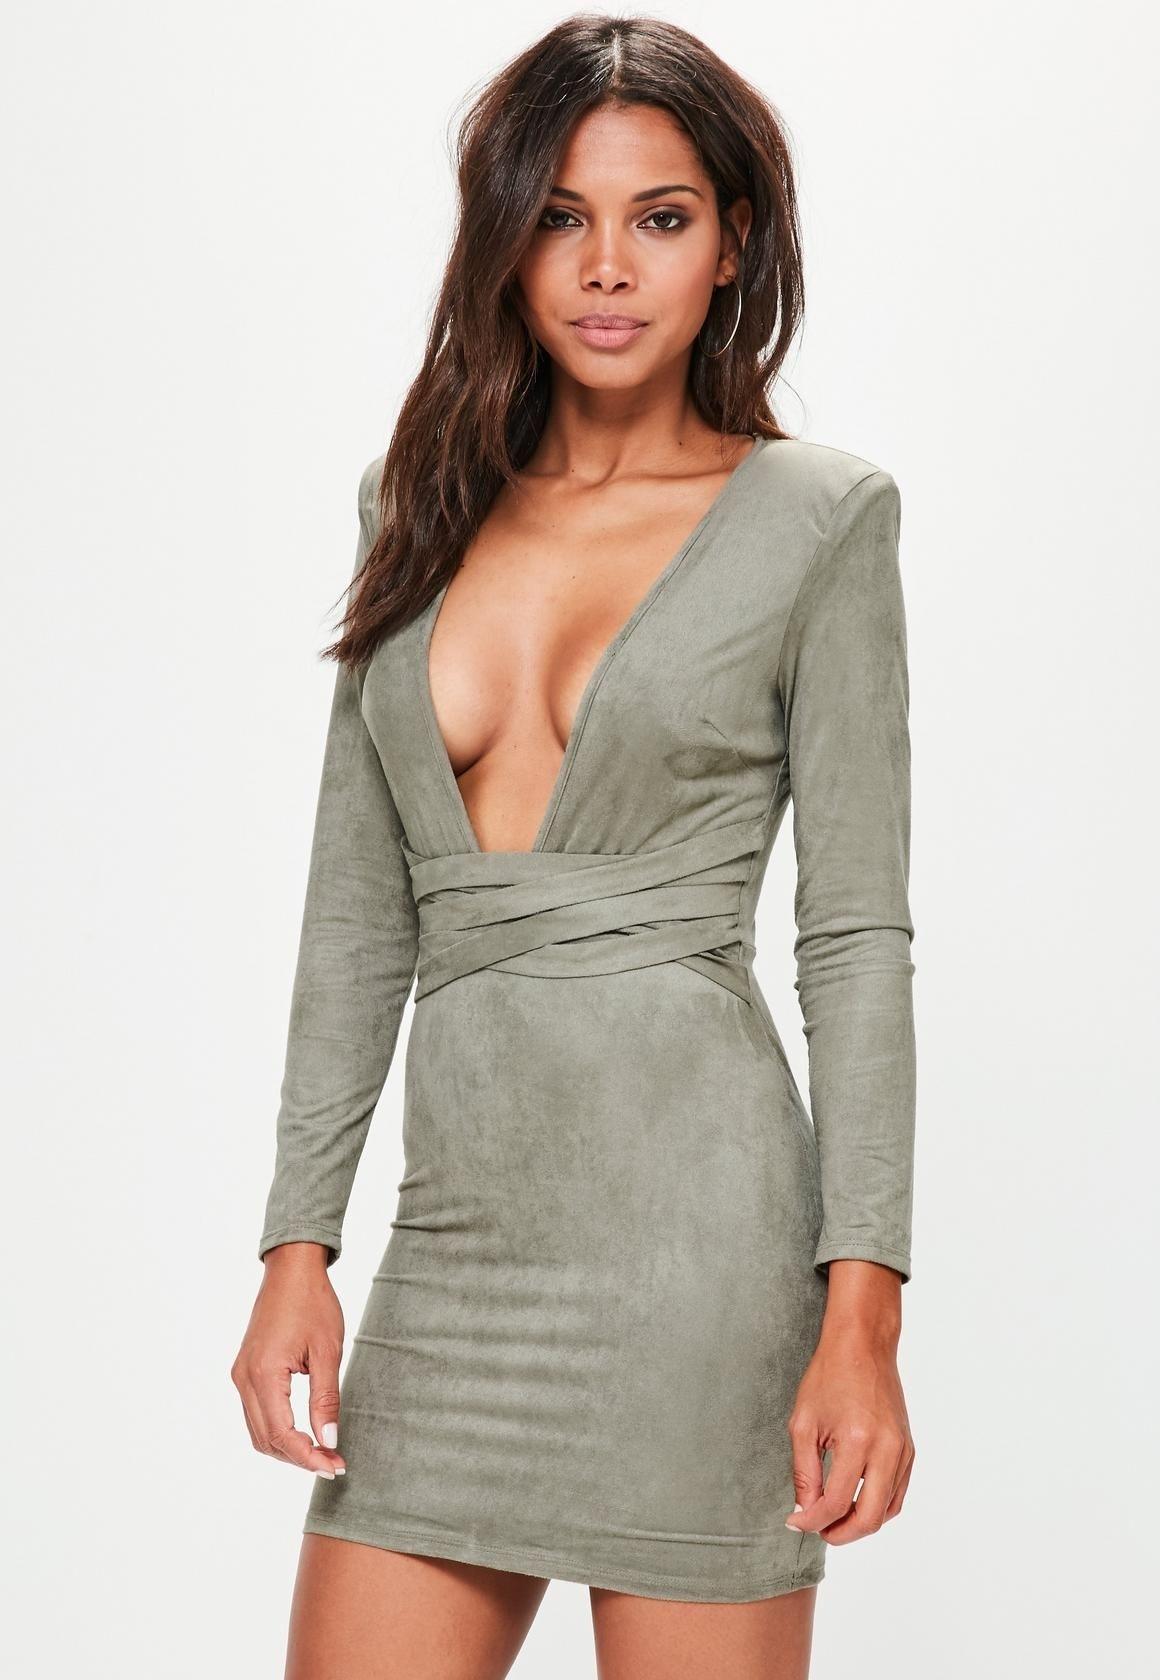 Formal Top Graues Kleid Langarm VertriebFormal Ausgezeichnet Graues Kleid Langarm Boutique